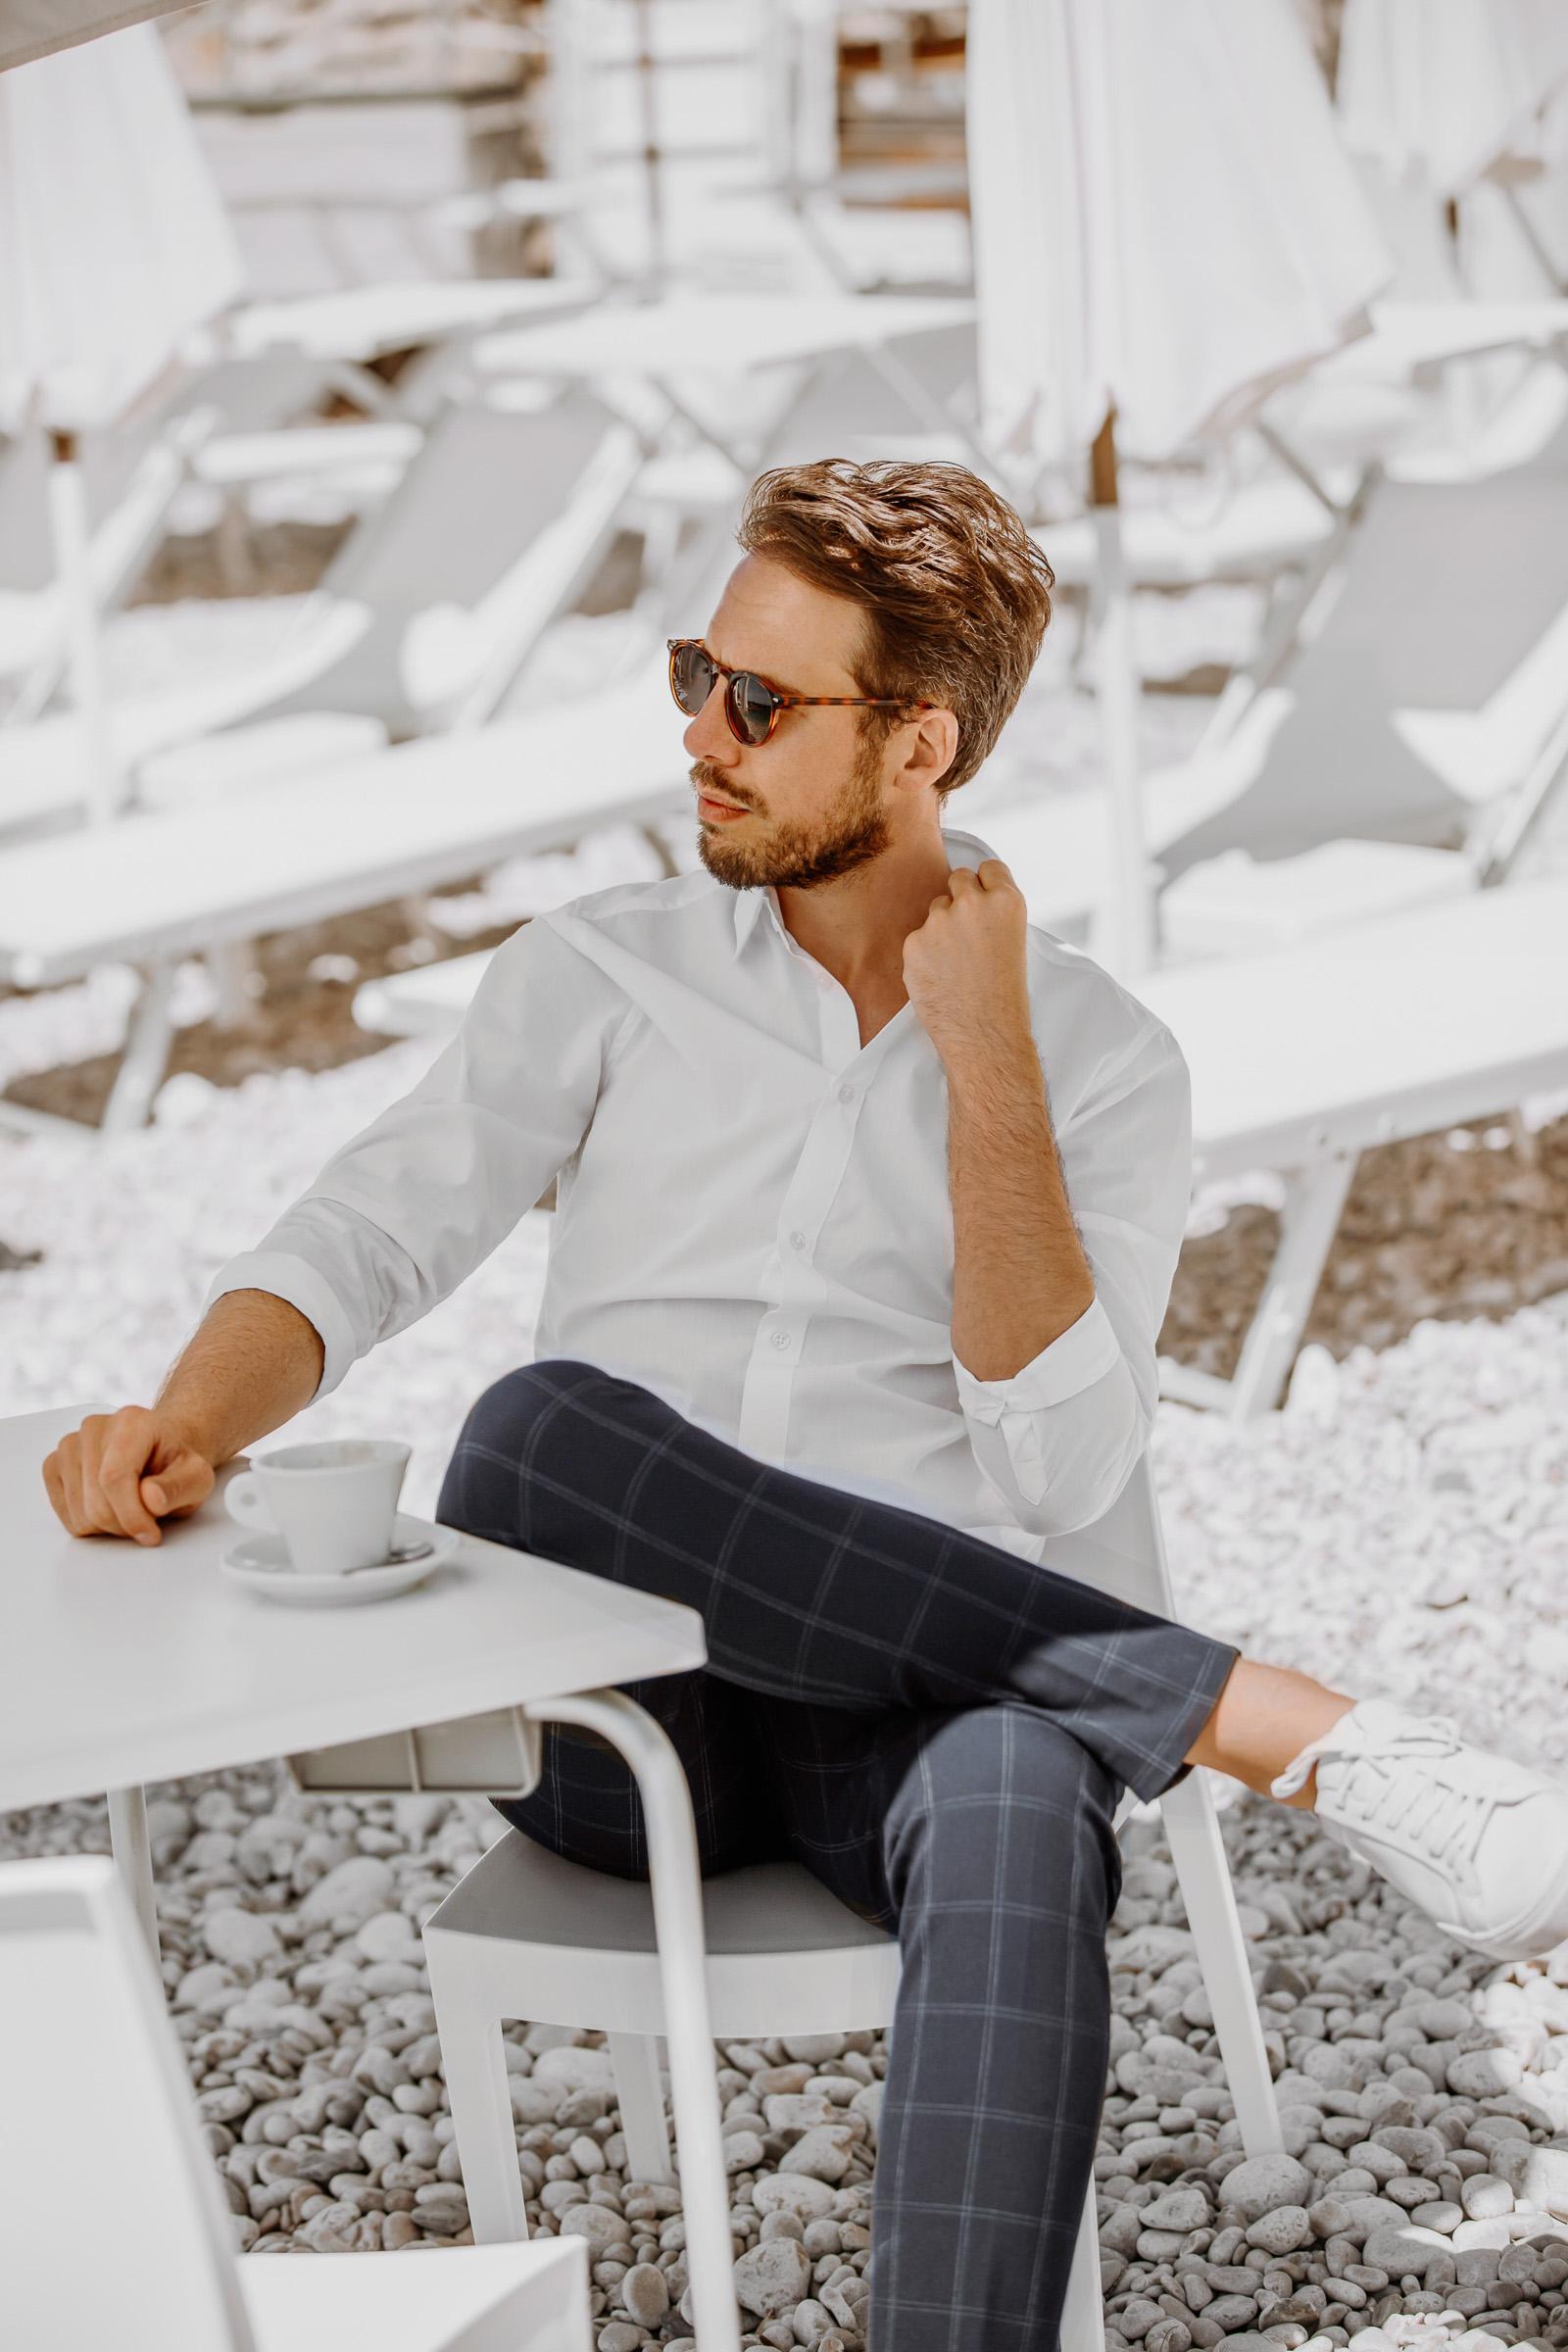 H&M Sebastian Schmidt